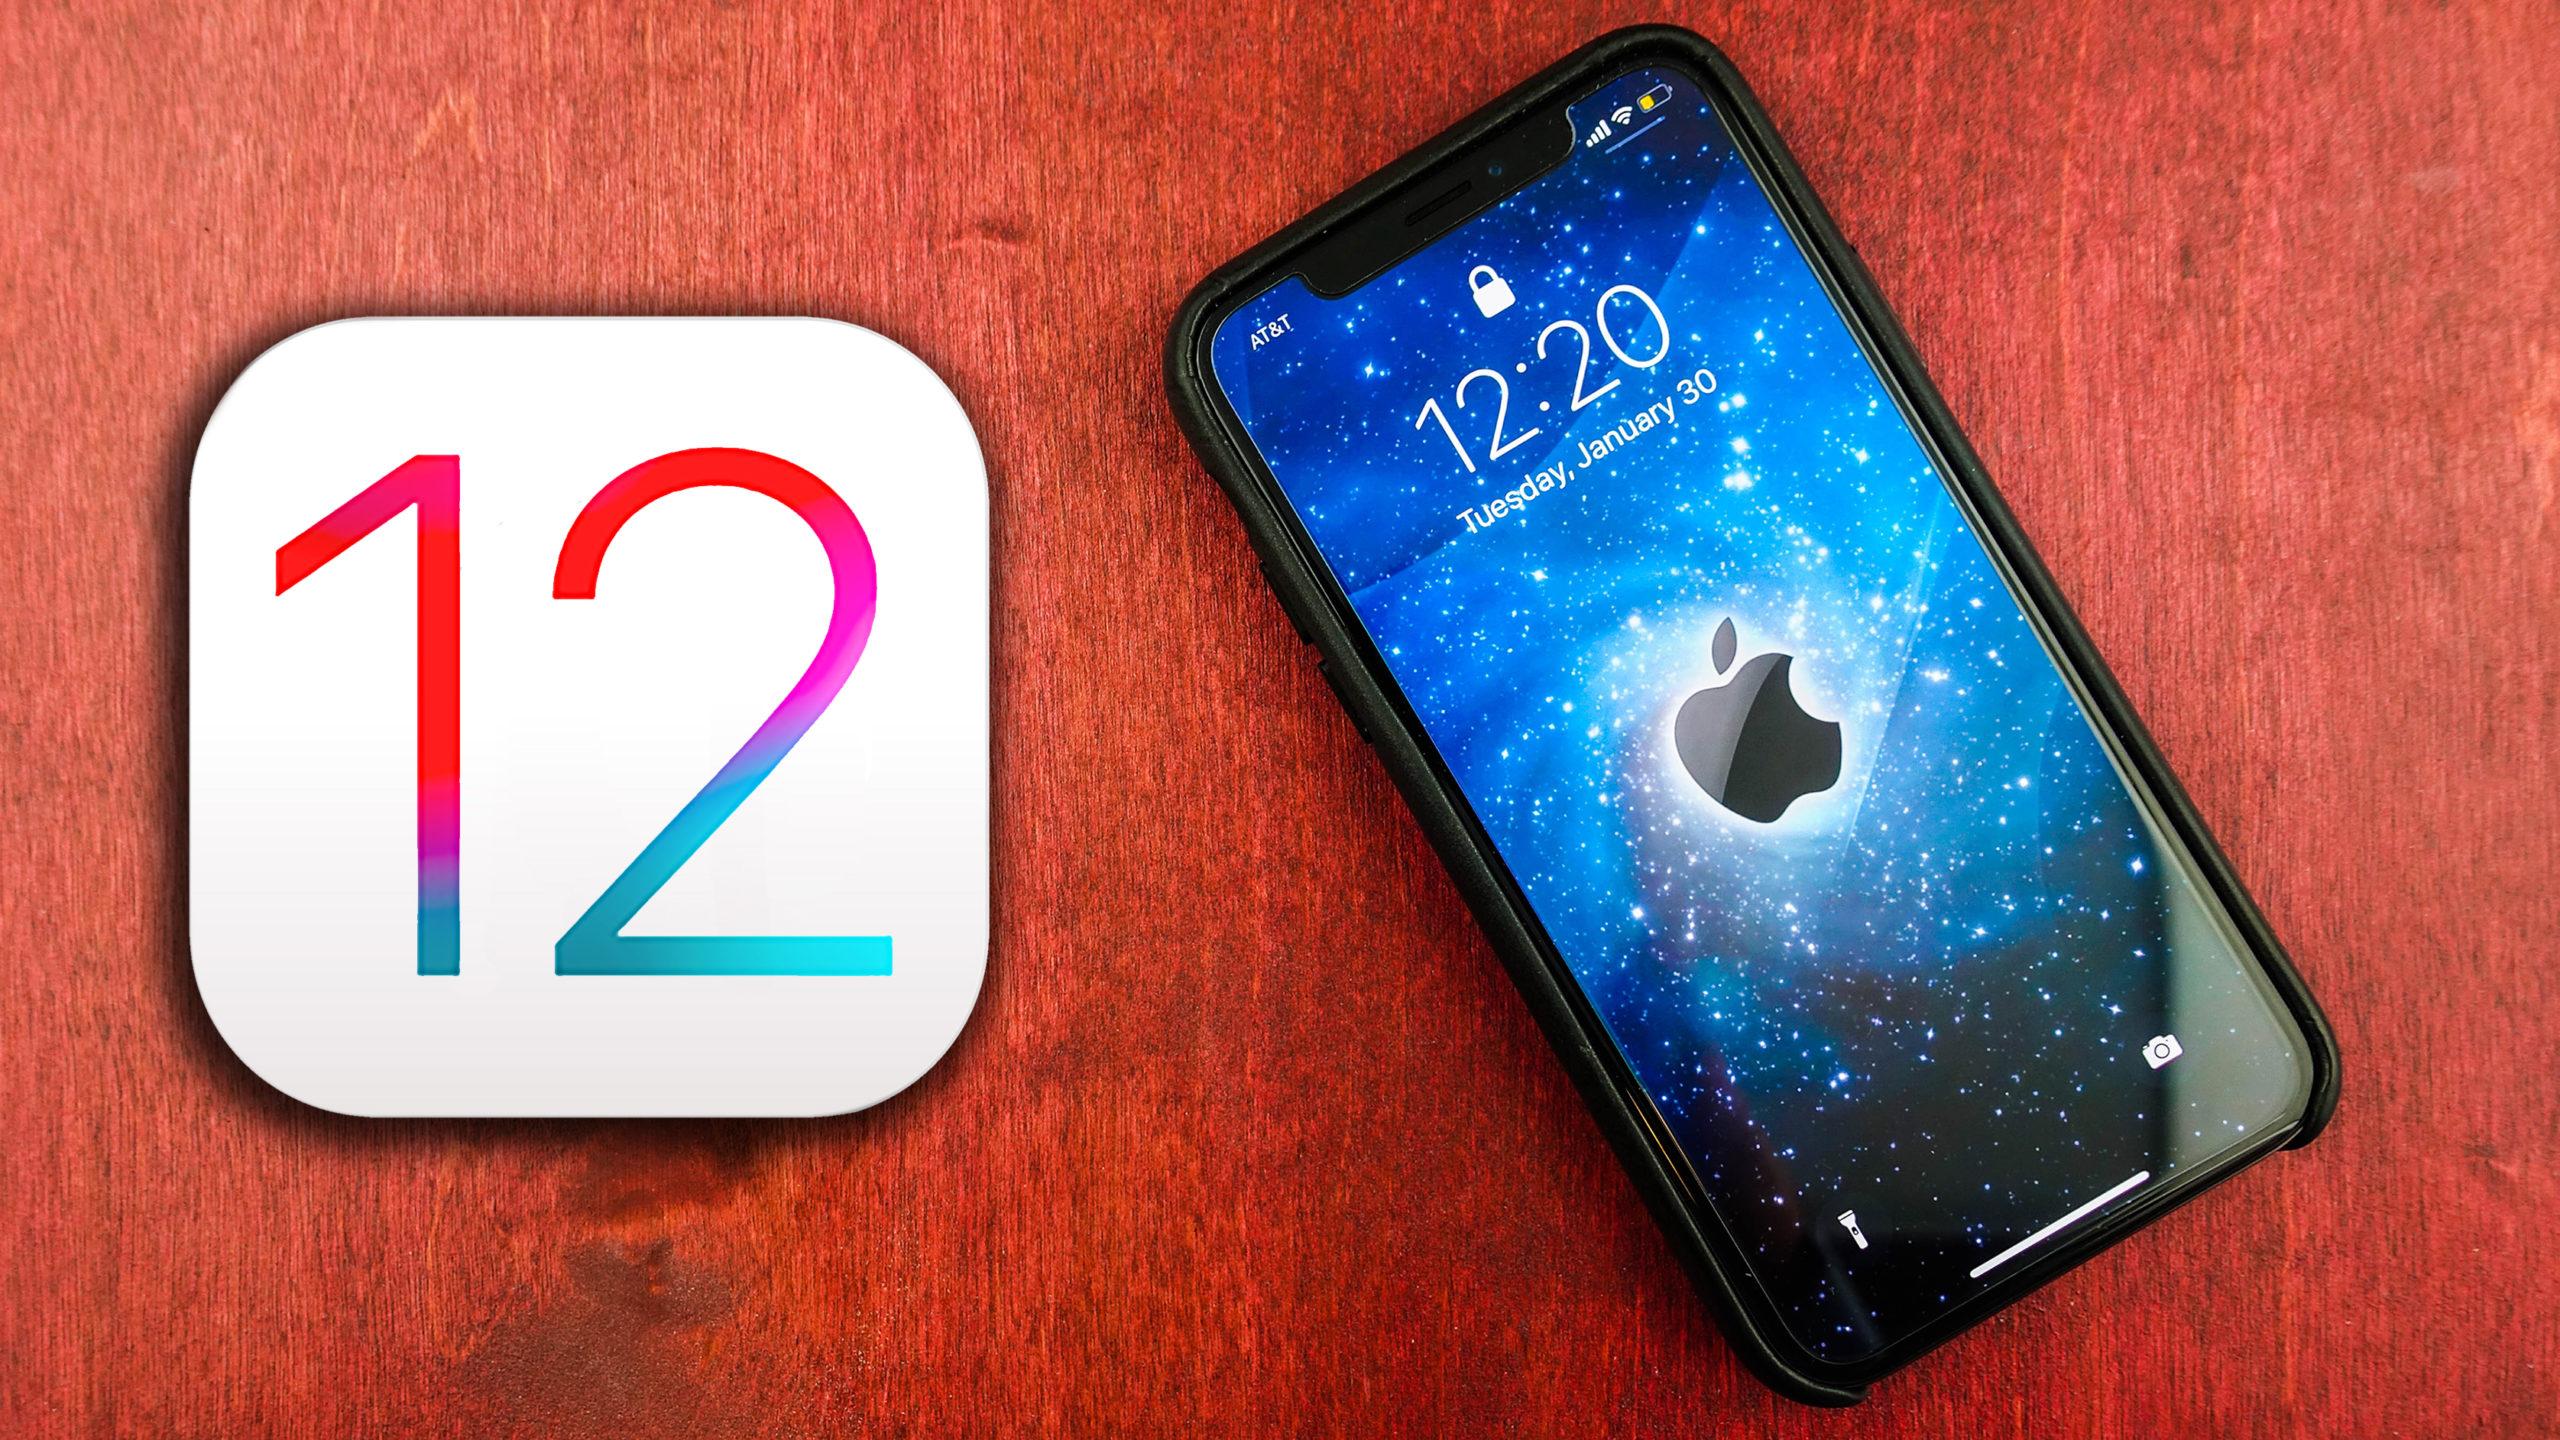 Všetky skryté funkcie systému iOS 12 pre iPhone a iPad 1